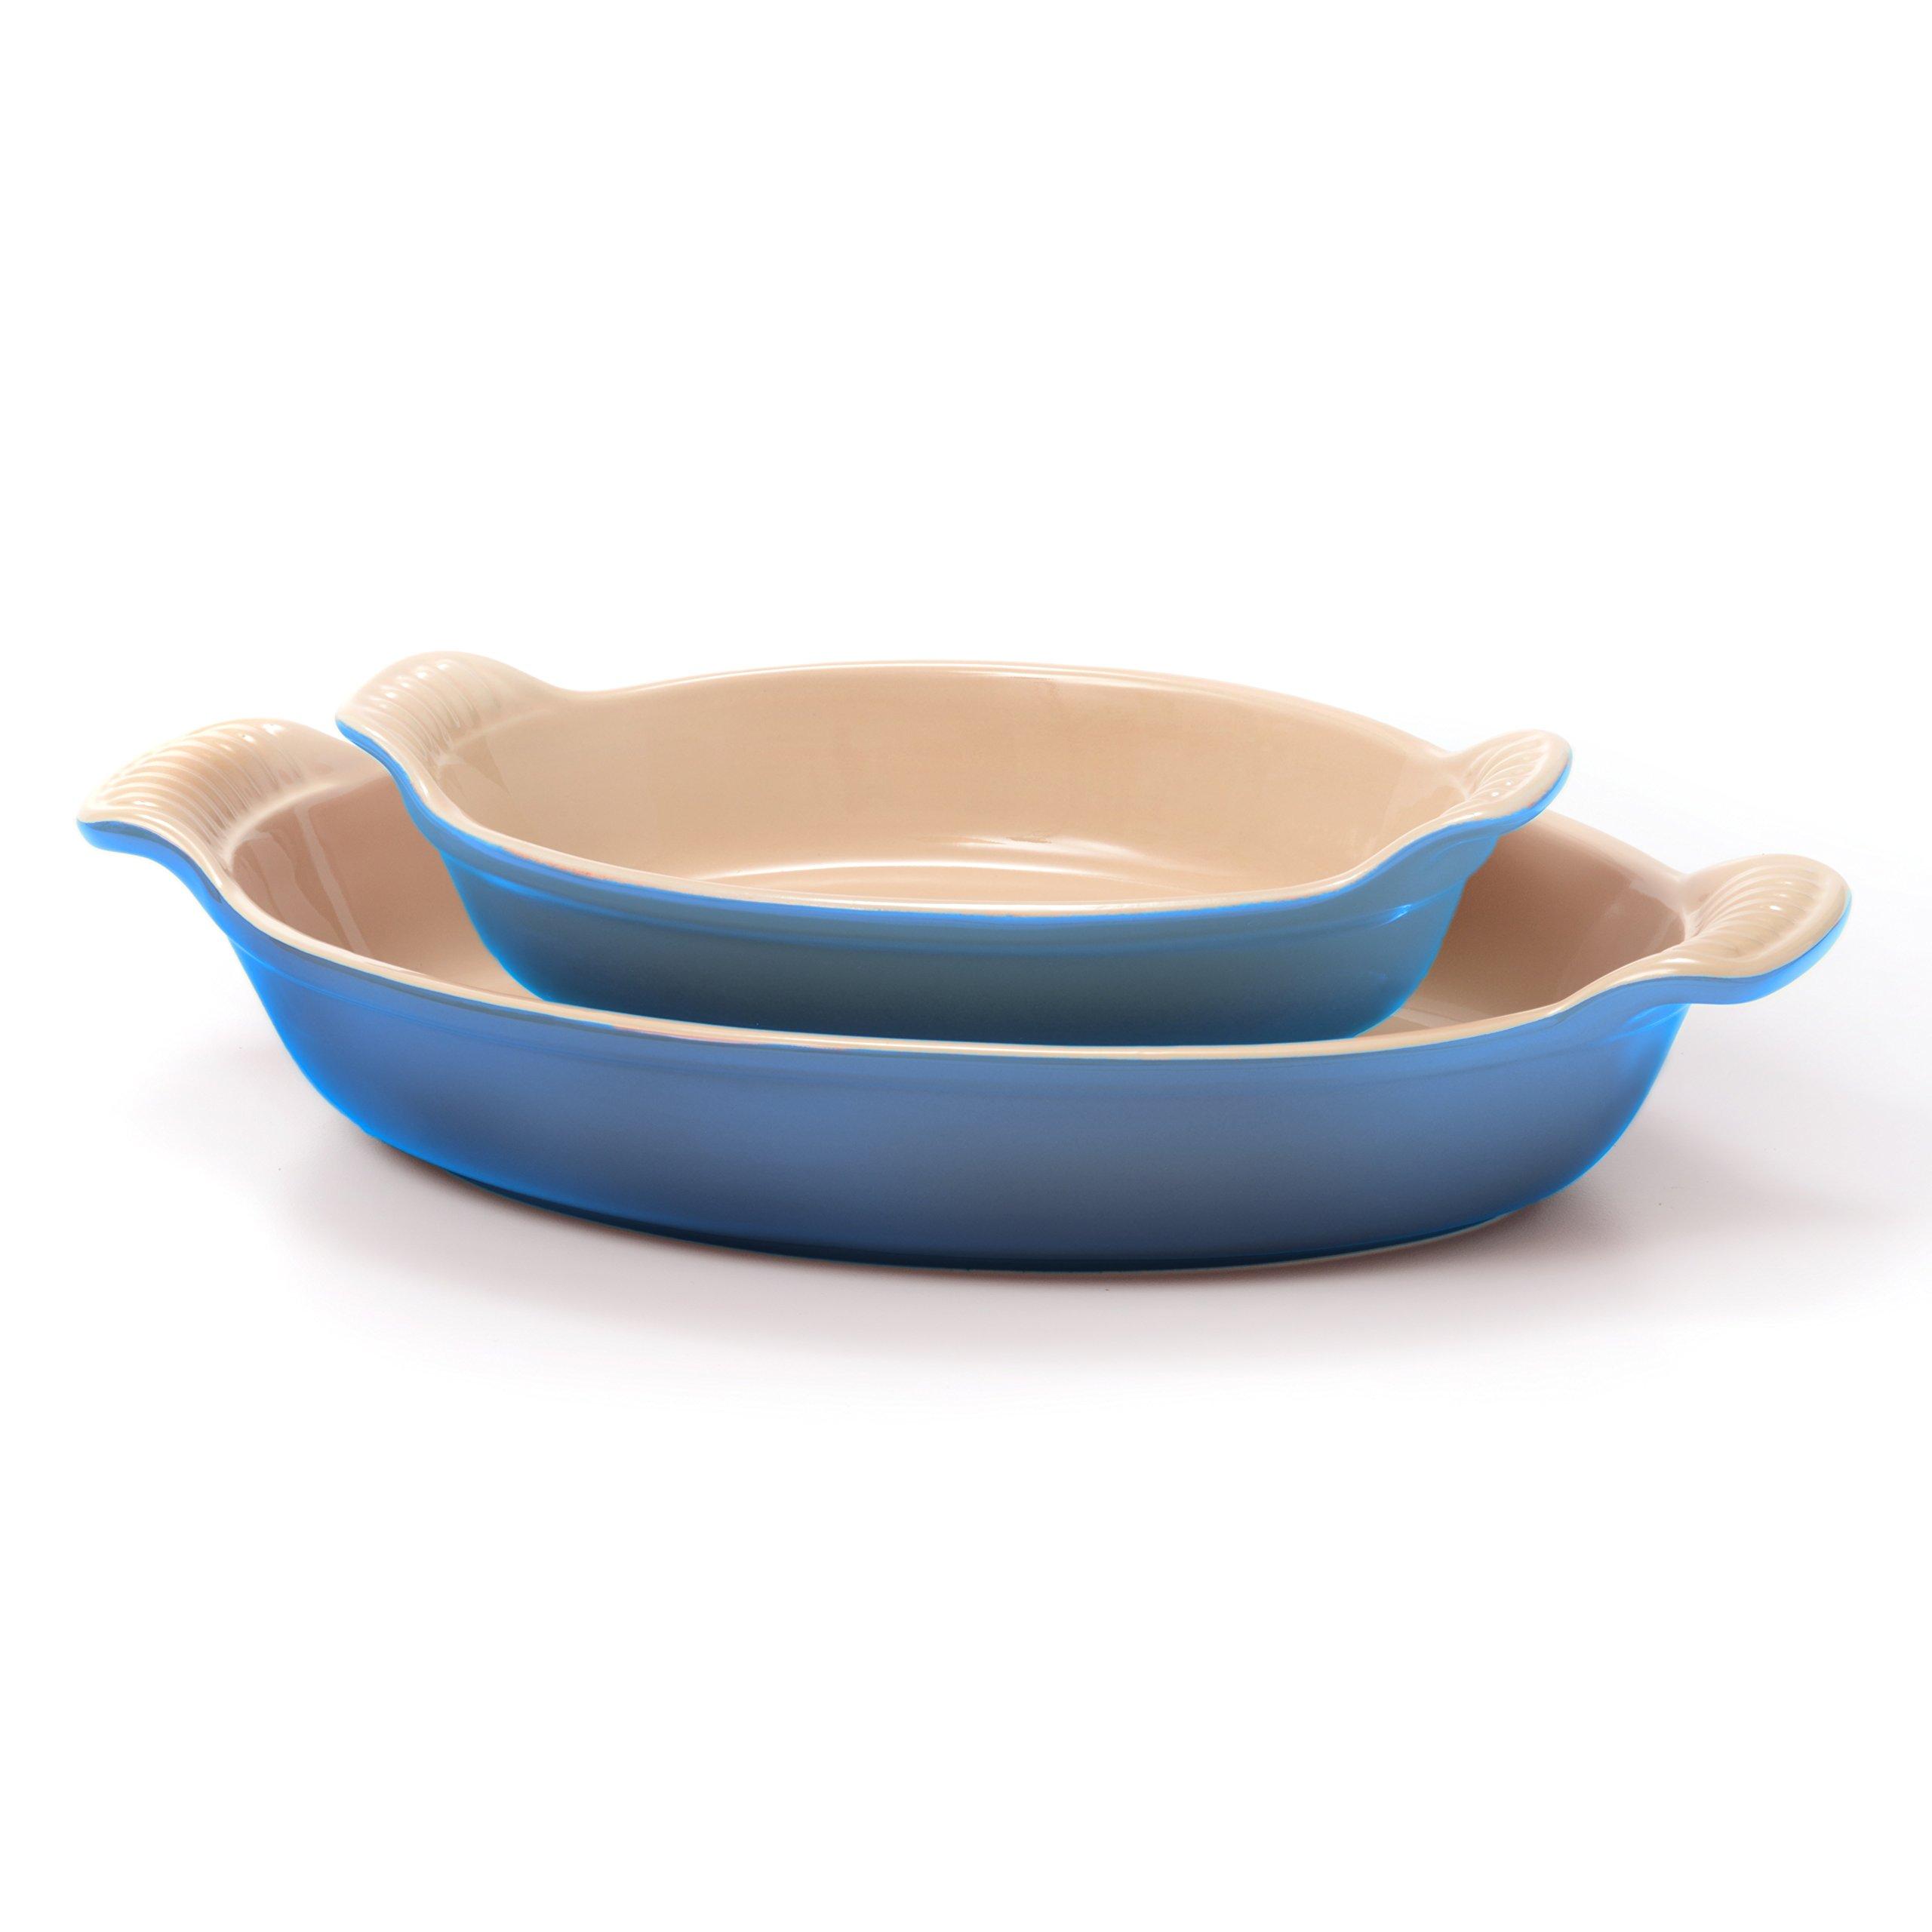 Le Creuset Heritage Marseille Blue Stoneware 2 Piece 24 Ounce and 1.7 Quart Au Gratin Dish Set